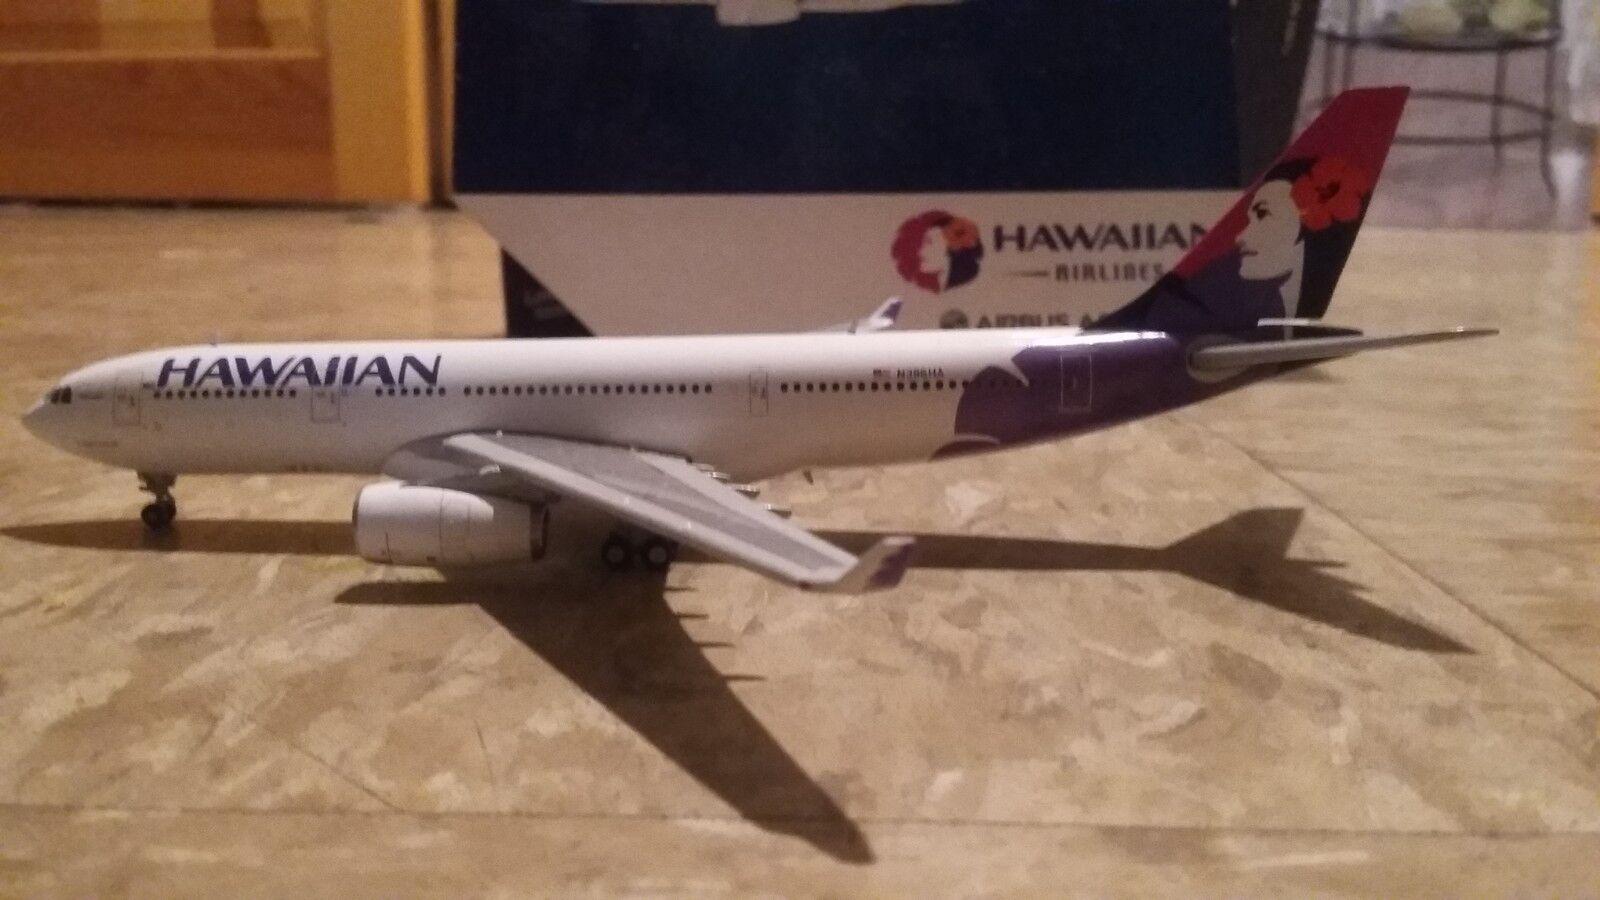 Gemini jets 1 400 Hawaiian airbus 330 200